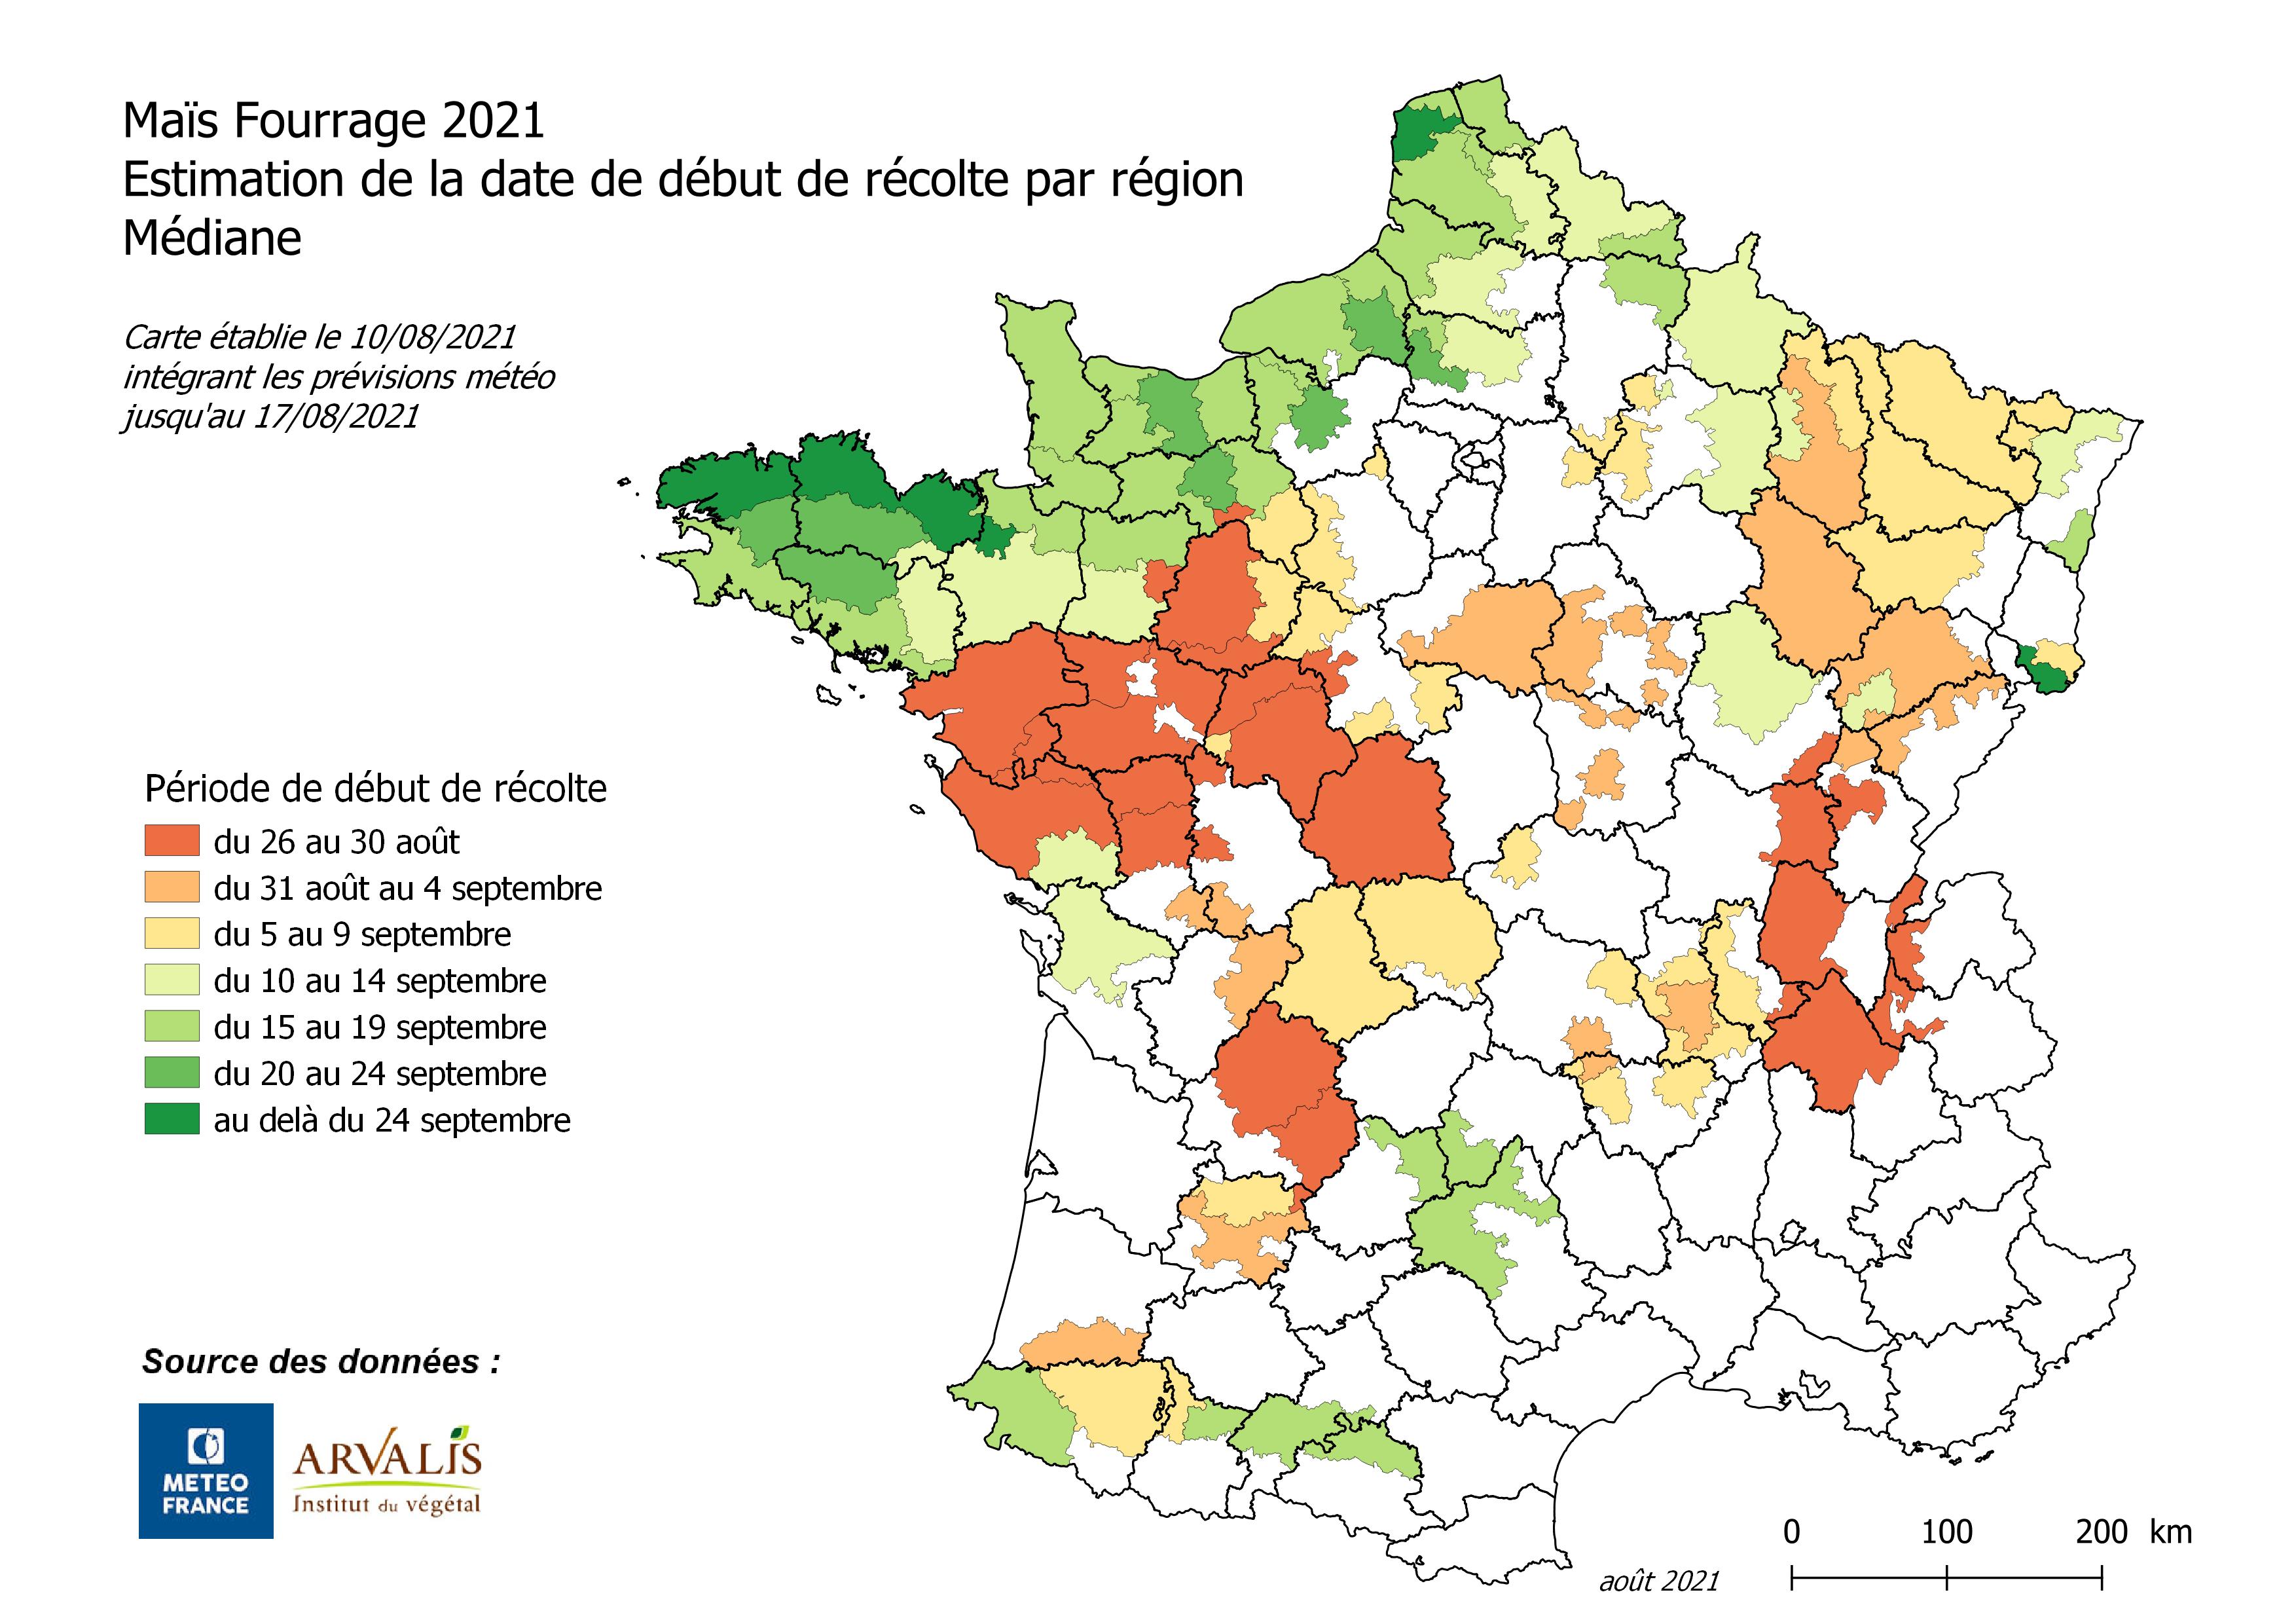 Carte des dates prévisionnelles de début de récolte des maïs fourrage établie le 10 août 2021 (Source : Arvalis)